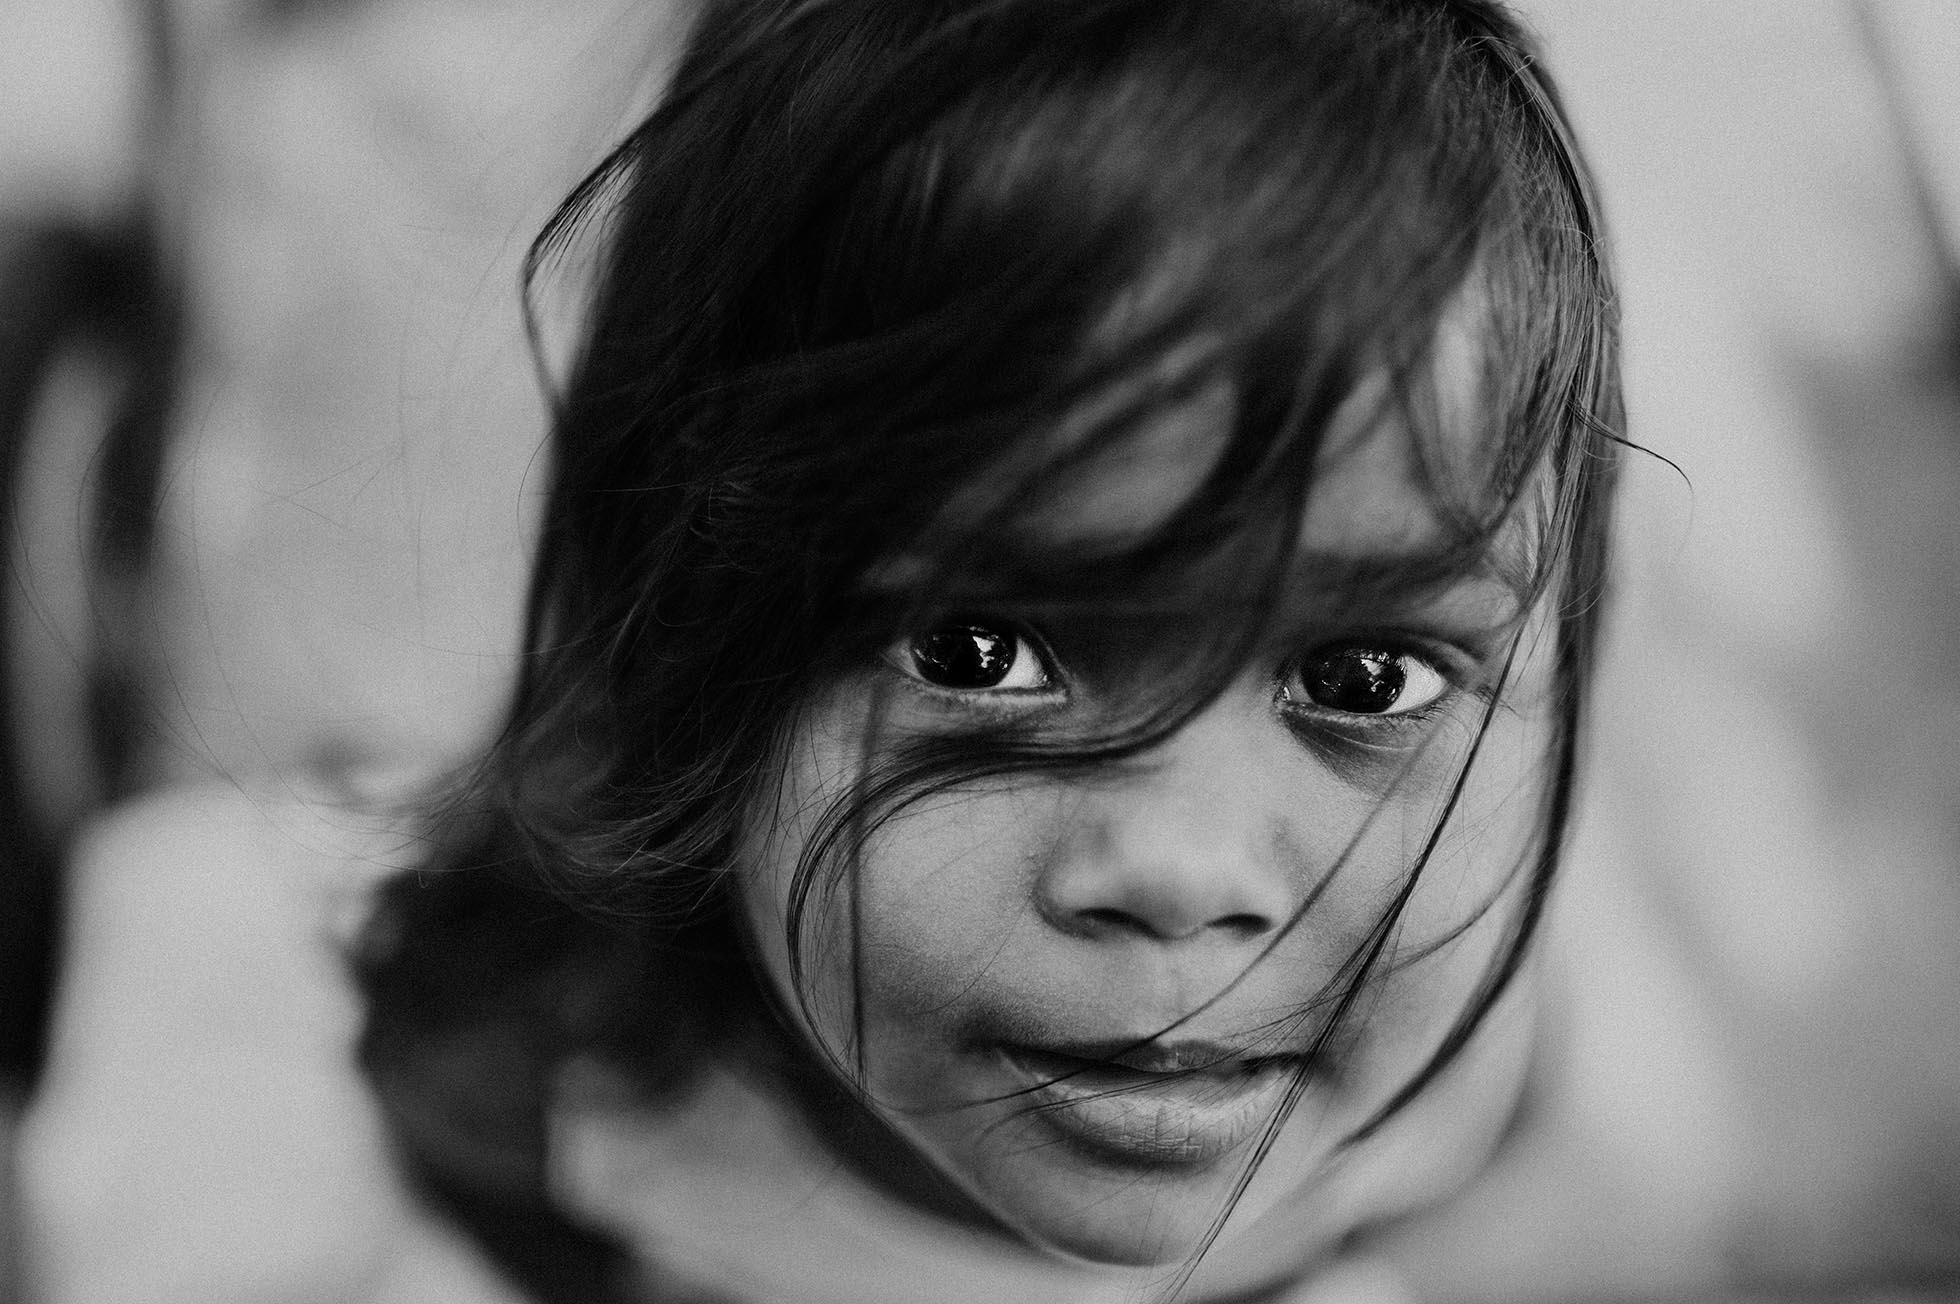 minmohd children photographer